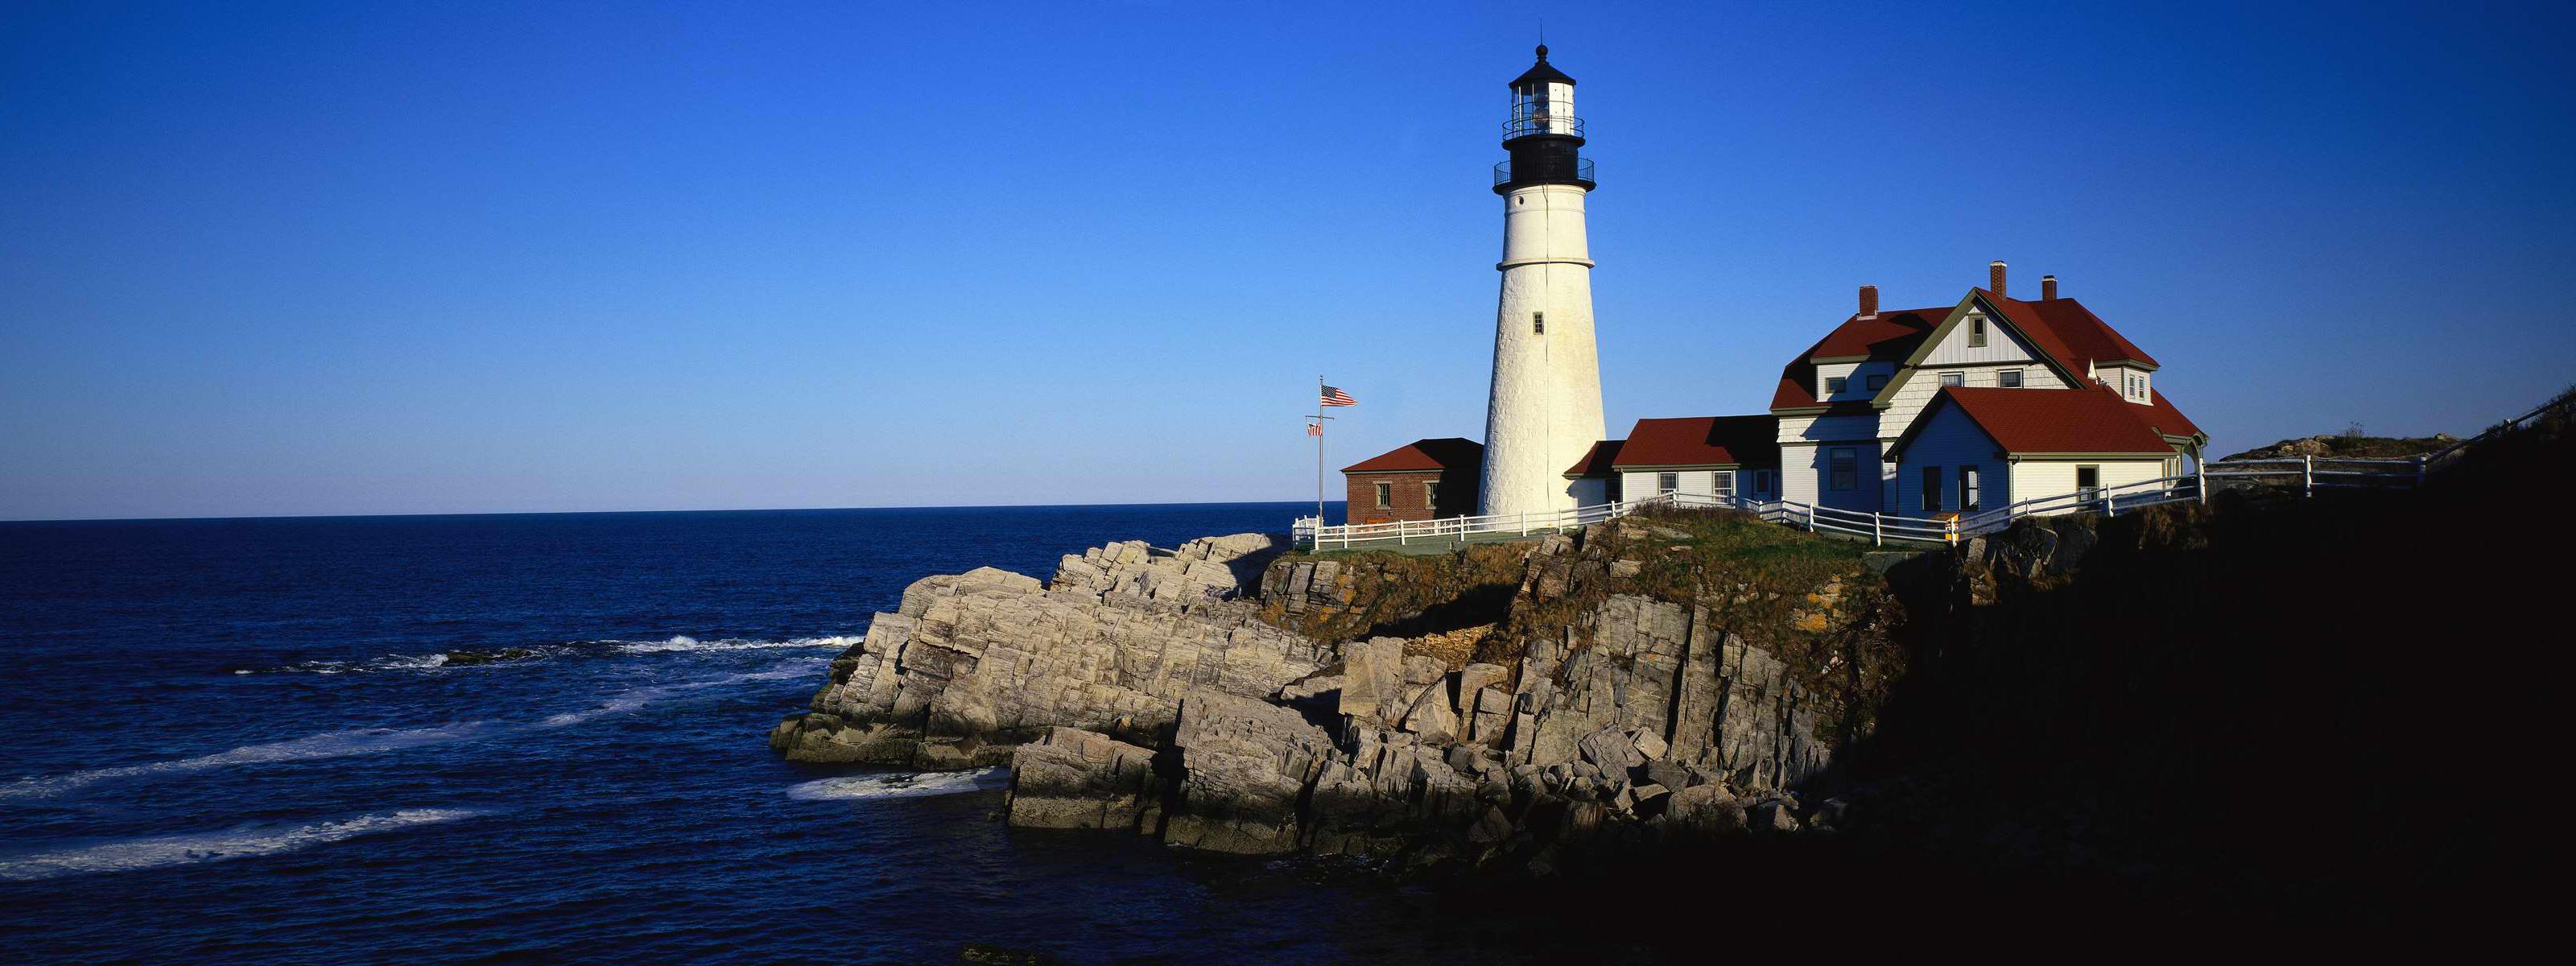 lighthouse wallpaper desktop - photo #23